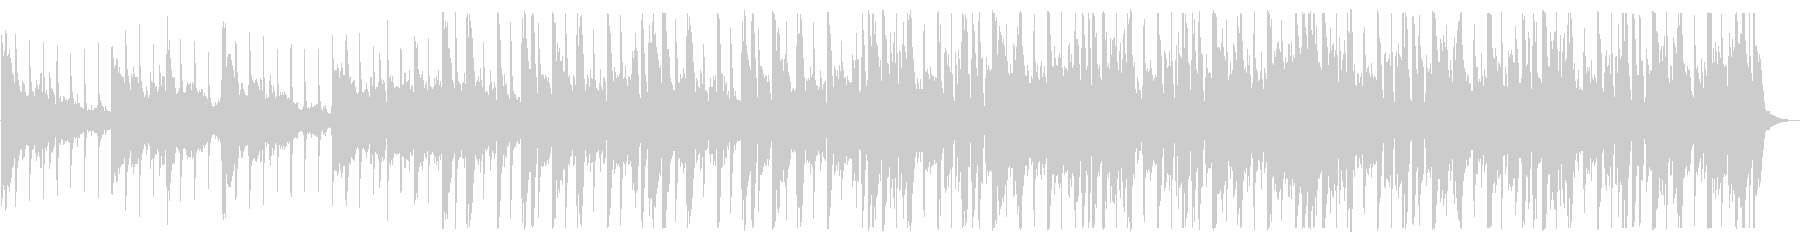 優しい雰囲気のR&B_No495_3の未再生の波形